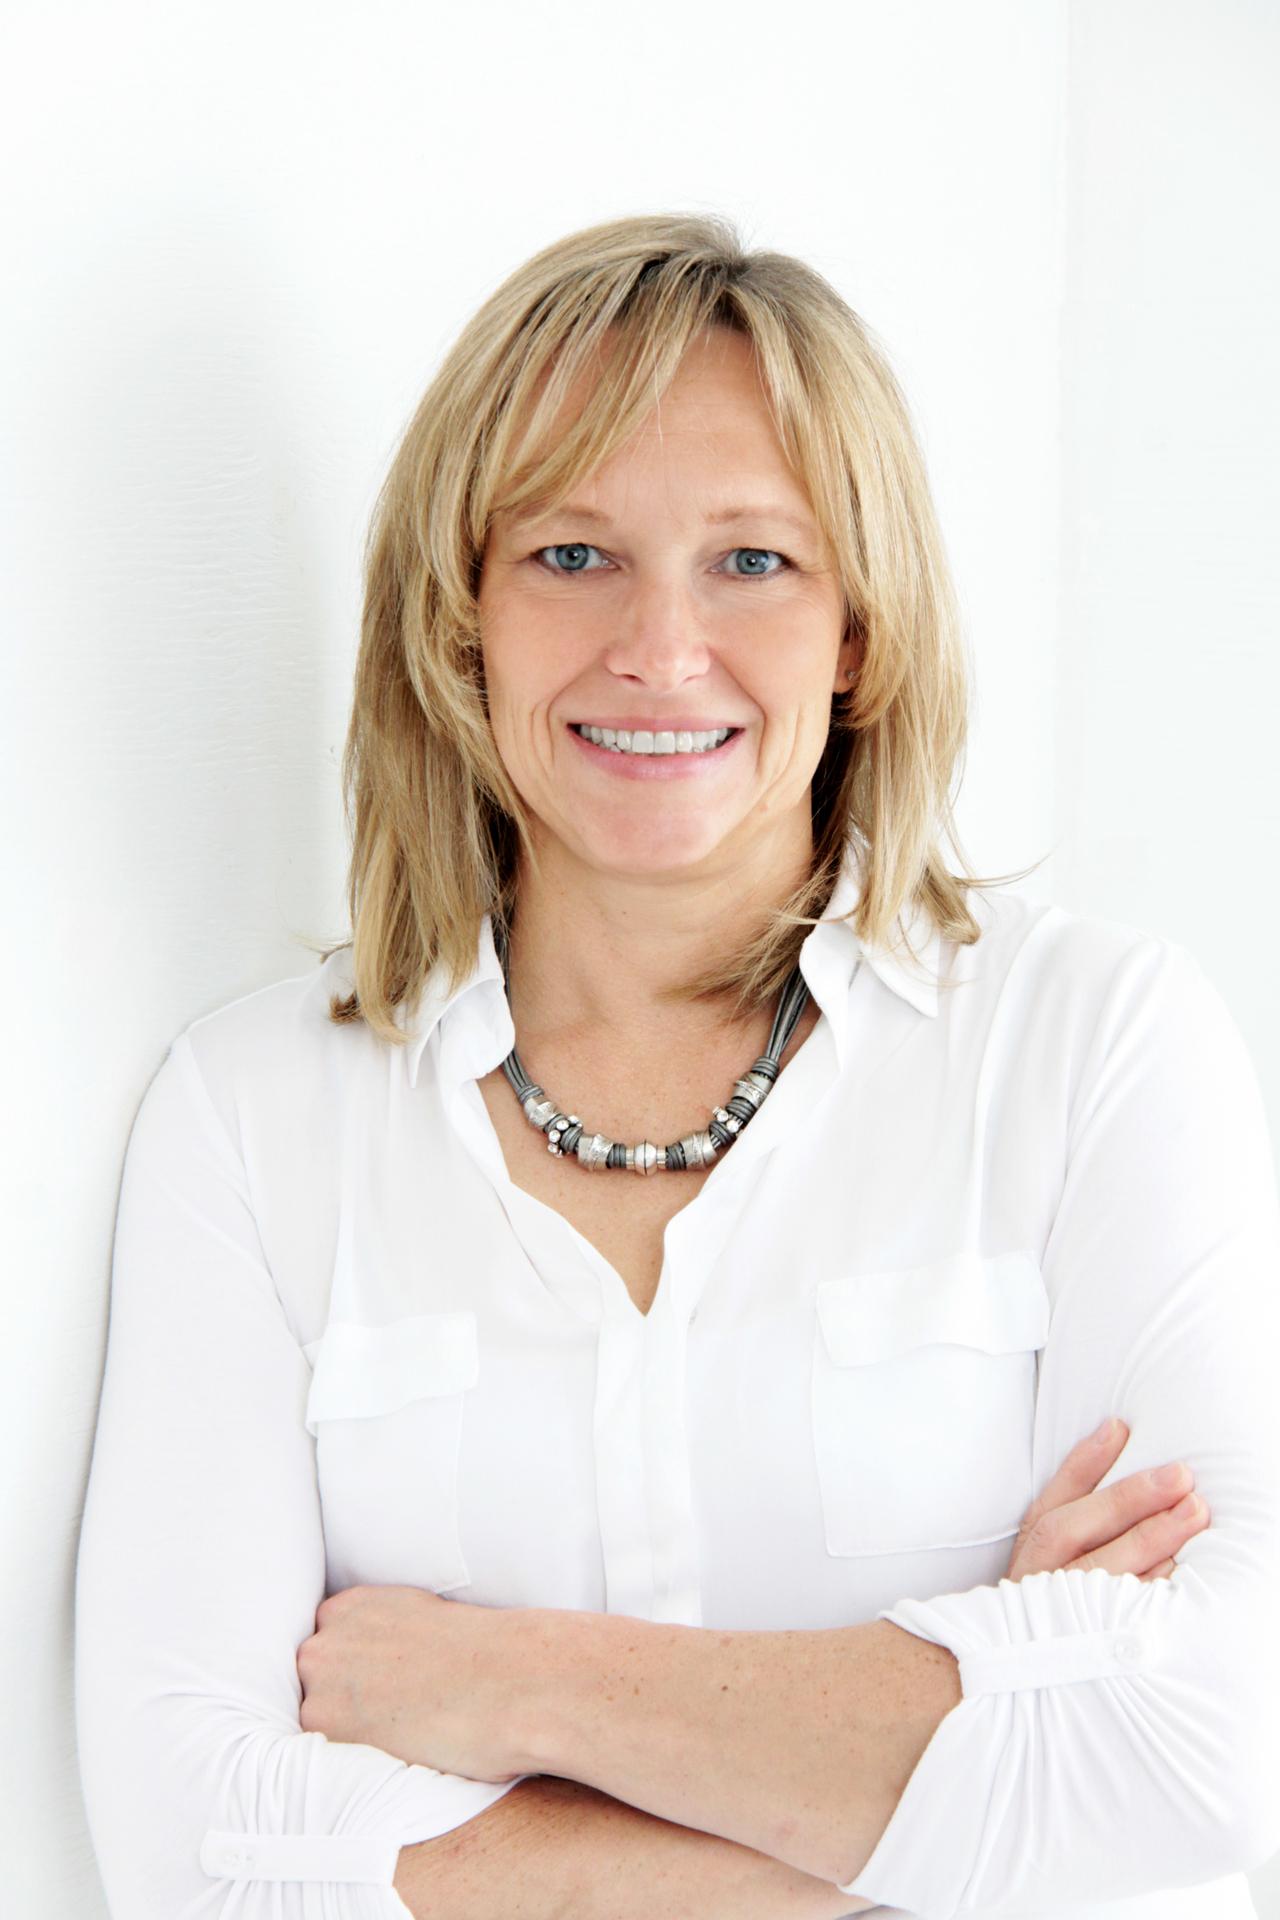 Rennie Stegeman